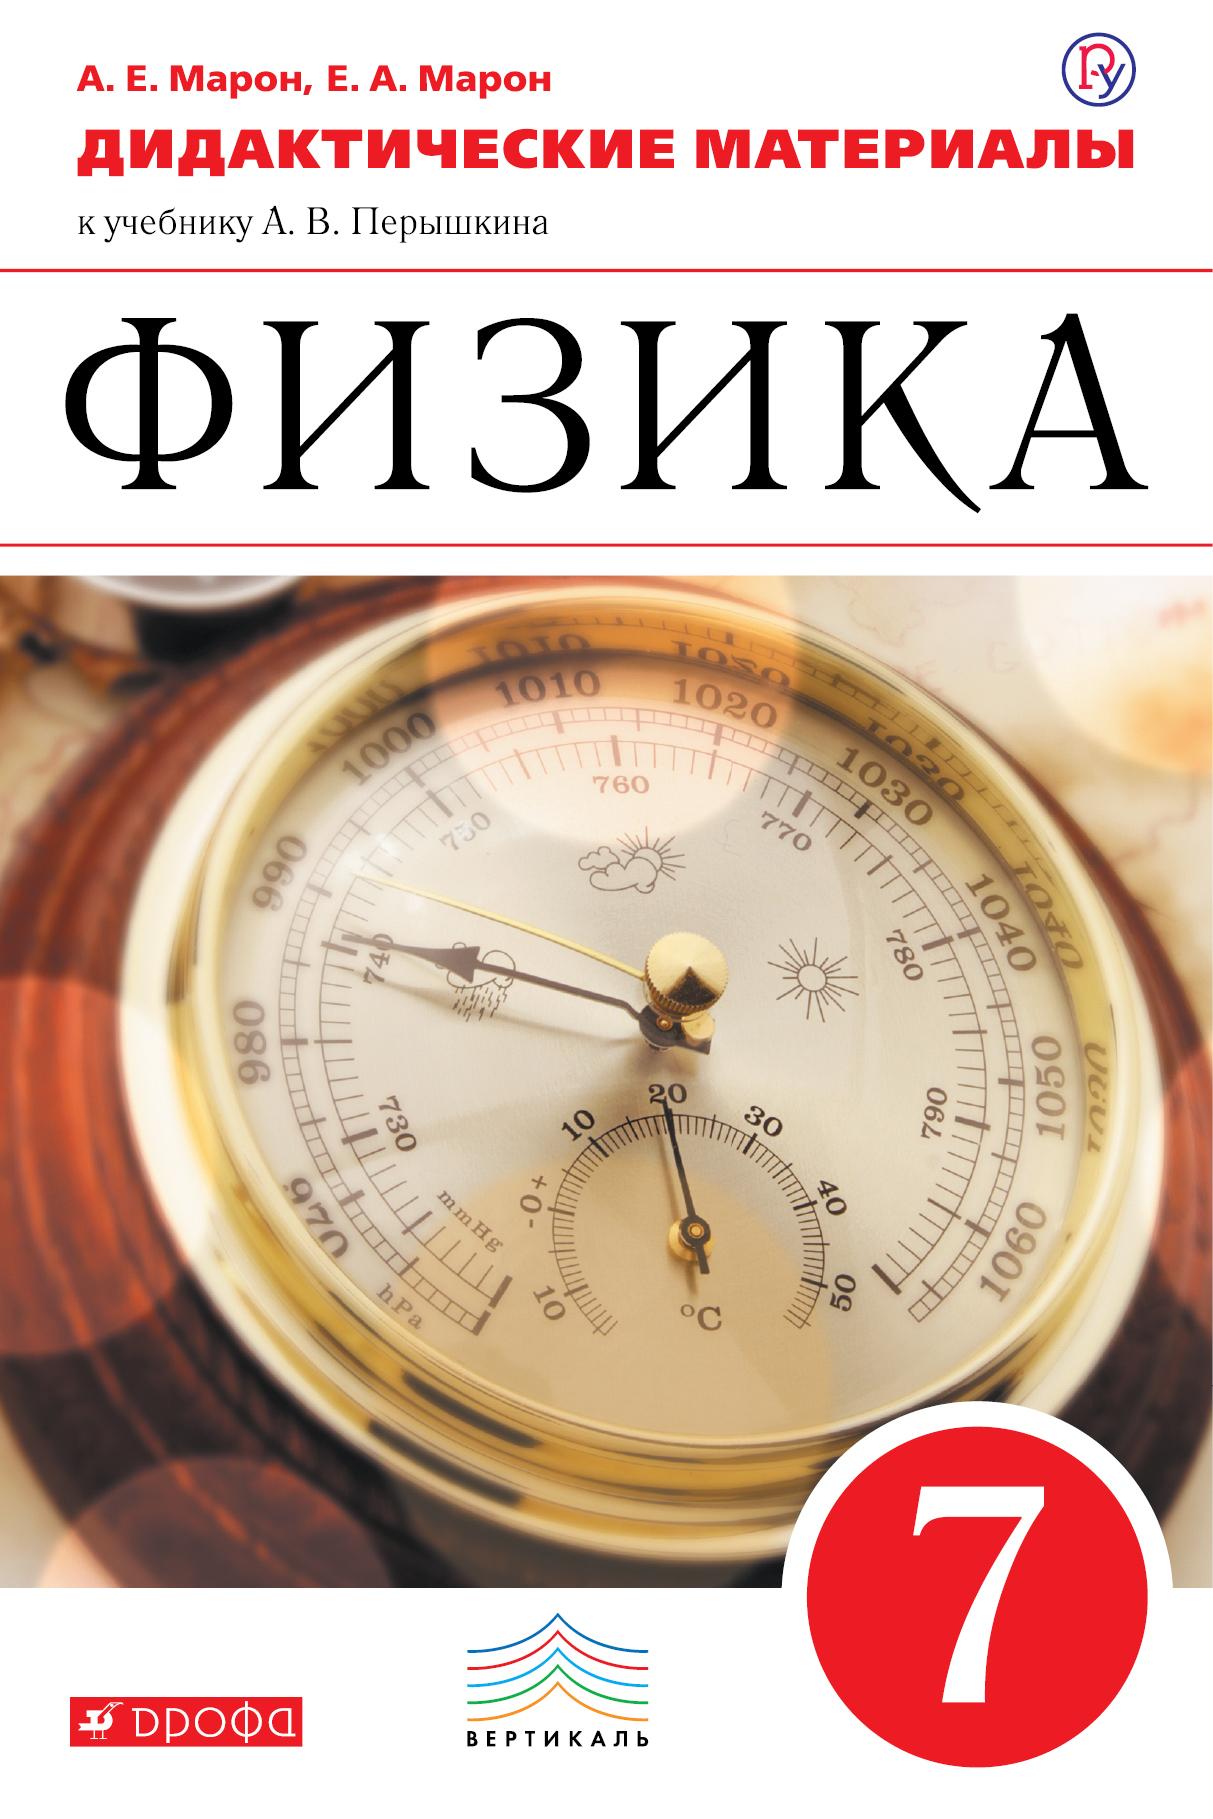 Марон А.Е., Марон Е.А. Физика. 7 класс. Дидактические материалы. цена